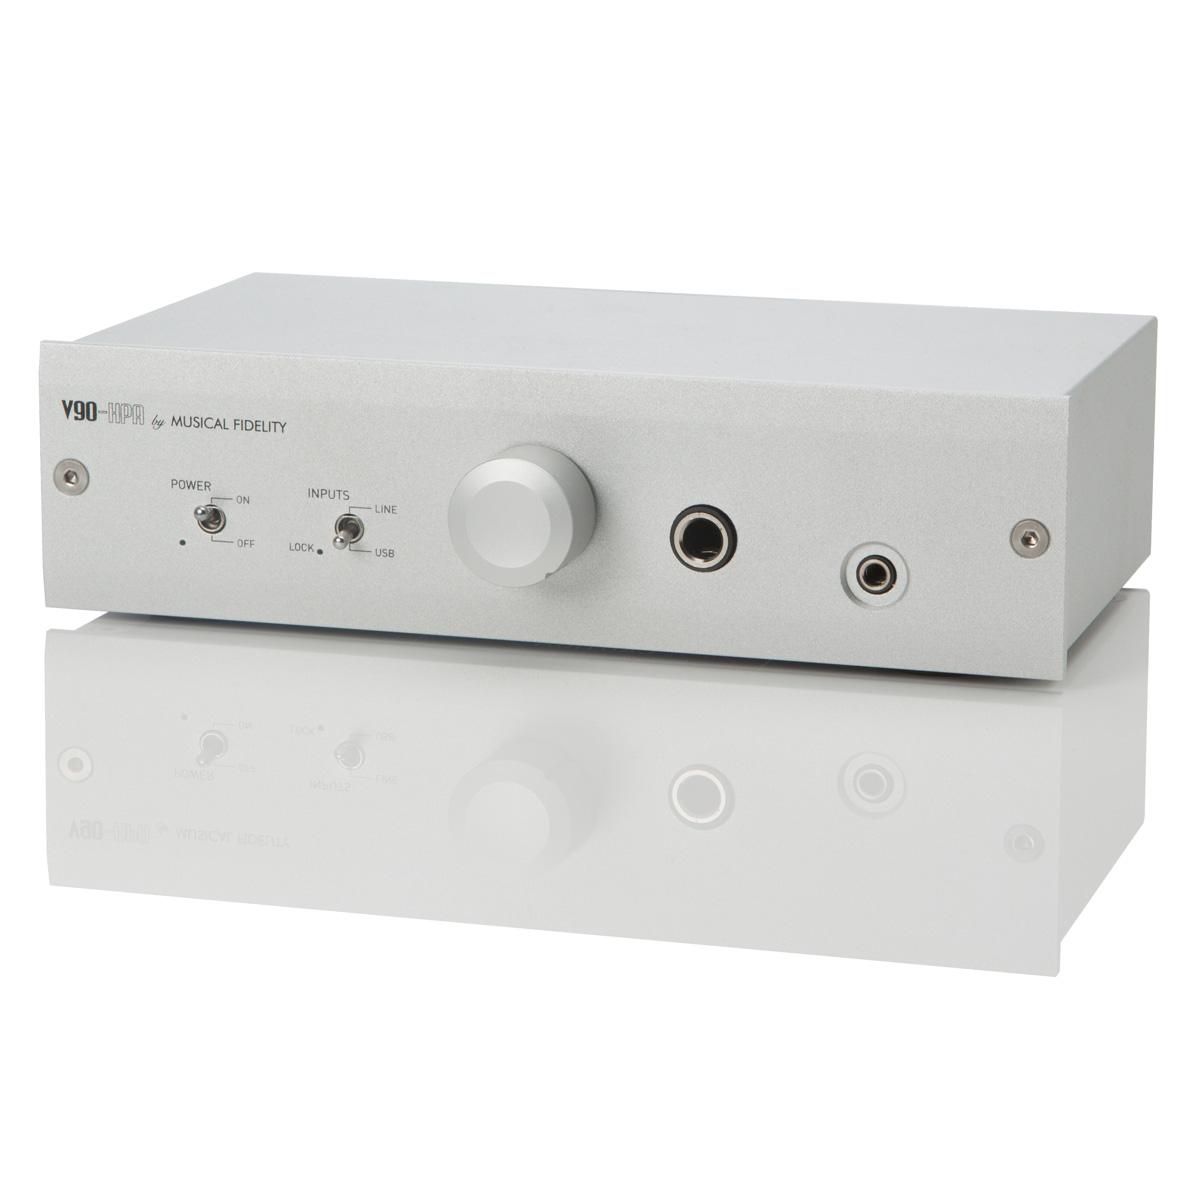 Musical Fidelity V90-HPA silber Kopfhörerverstärker 99138